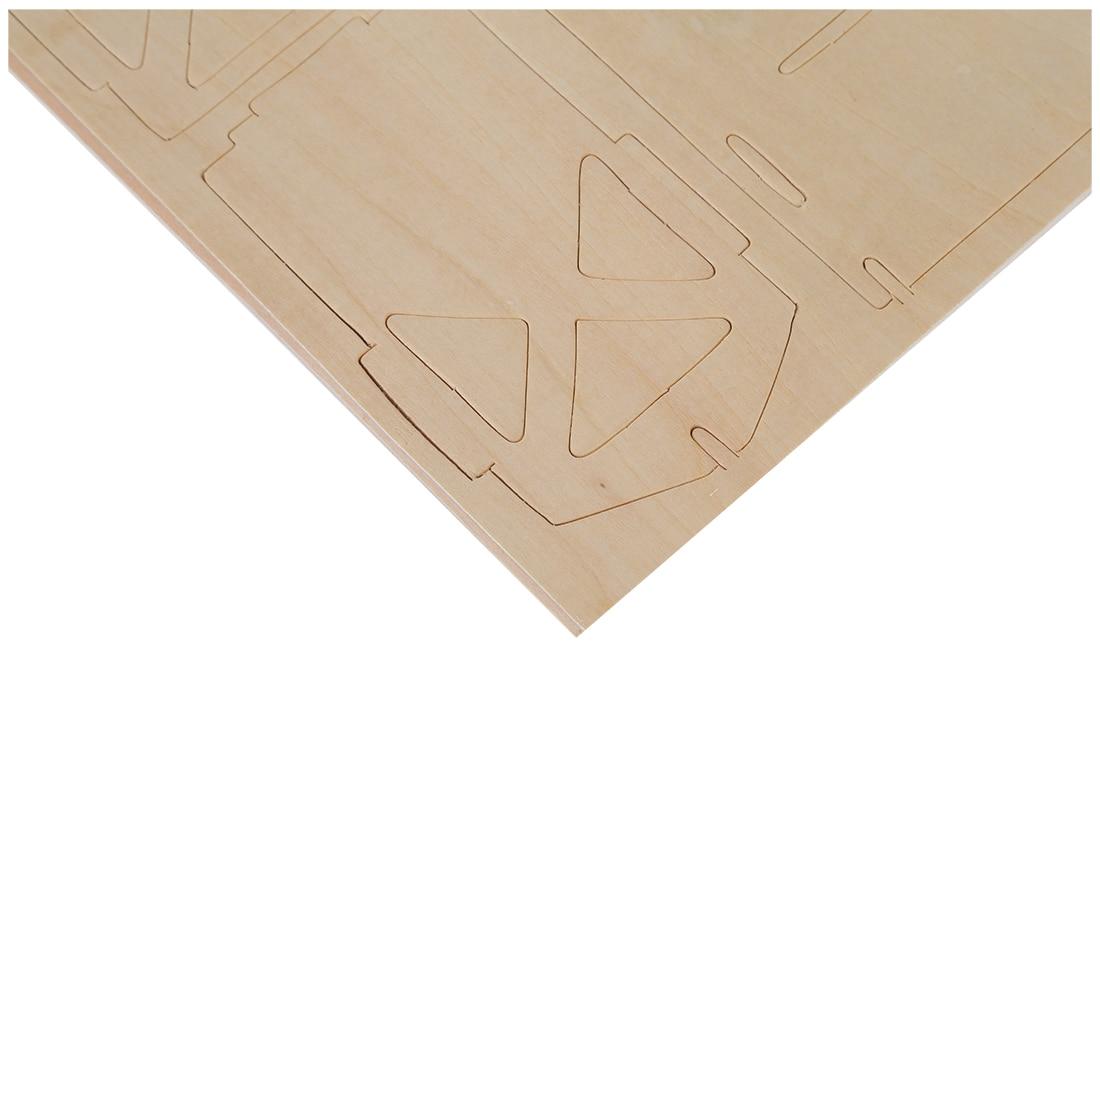 Сборная деревянная ручка держатель для детей Настольный органайзер Баскетбол DIY деревянная ручка держатель 3D Пазлы детский подарок